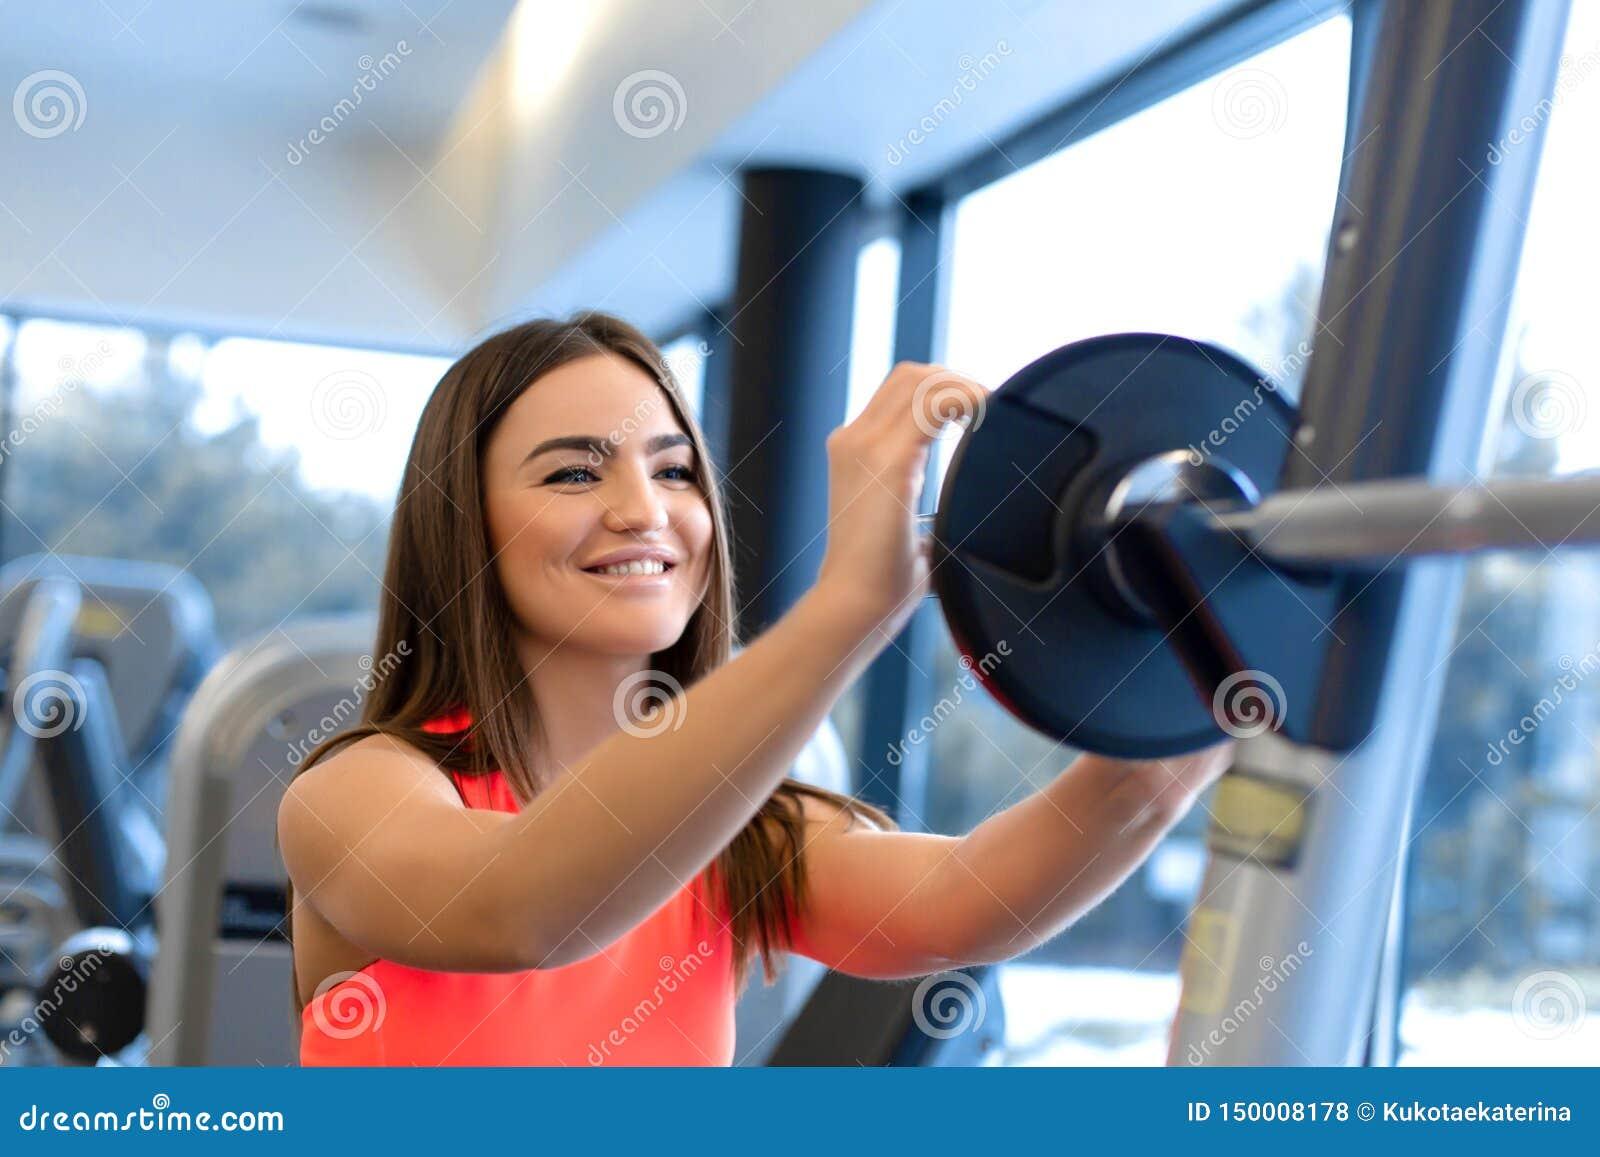 O retrato da mulher consider?vel p?e a placa do peso sobre o barbell no gym